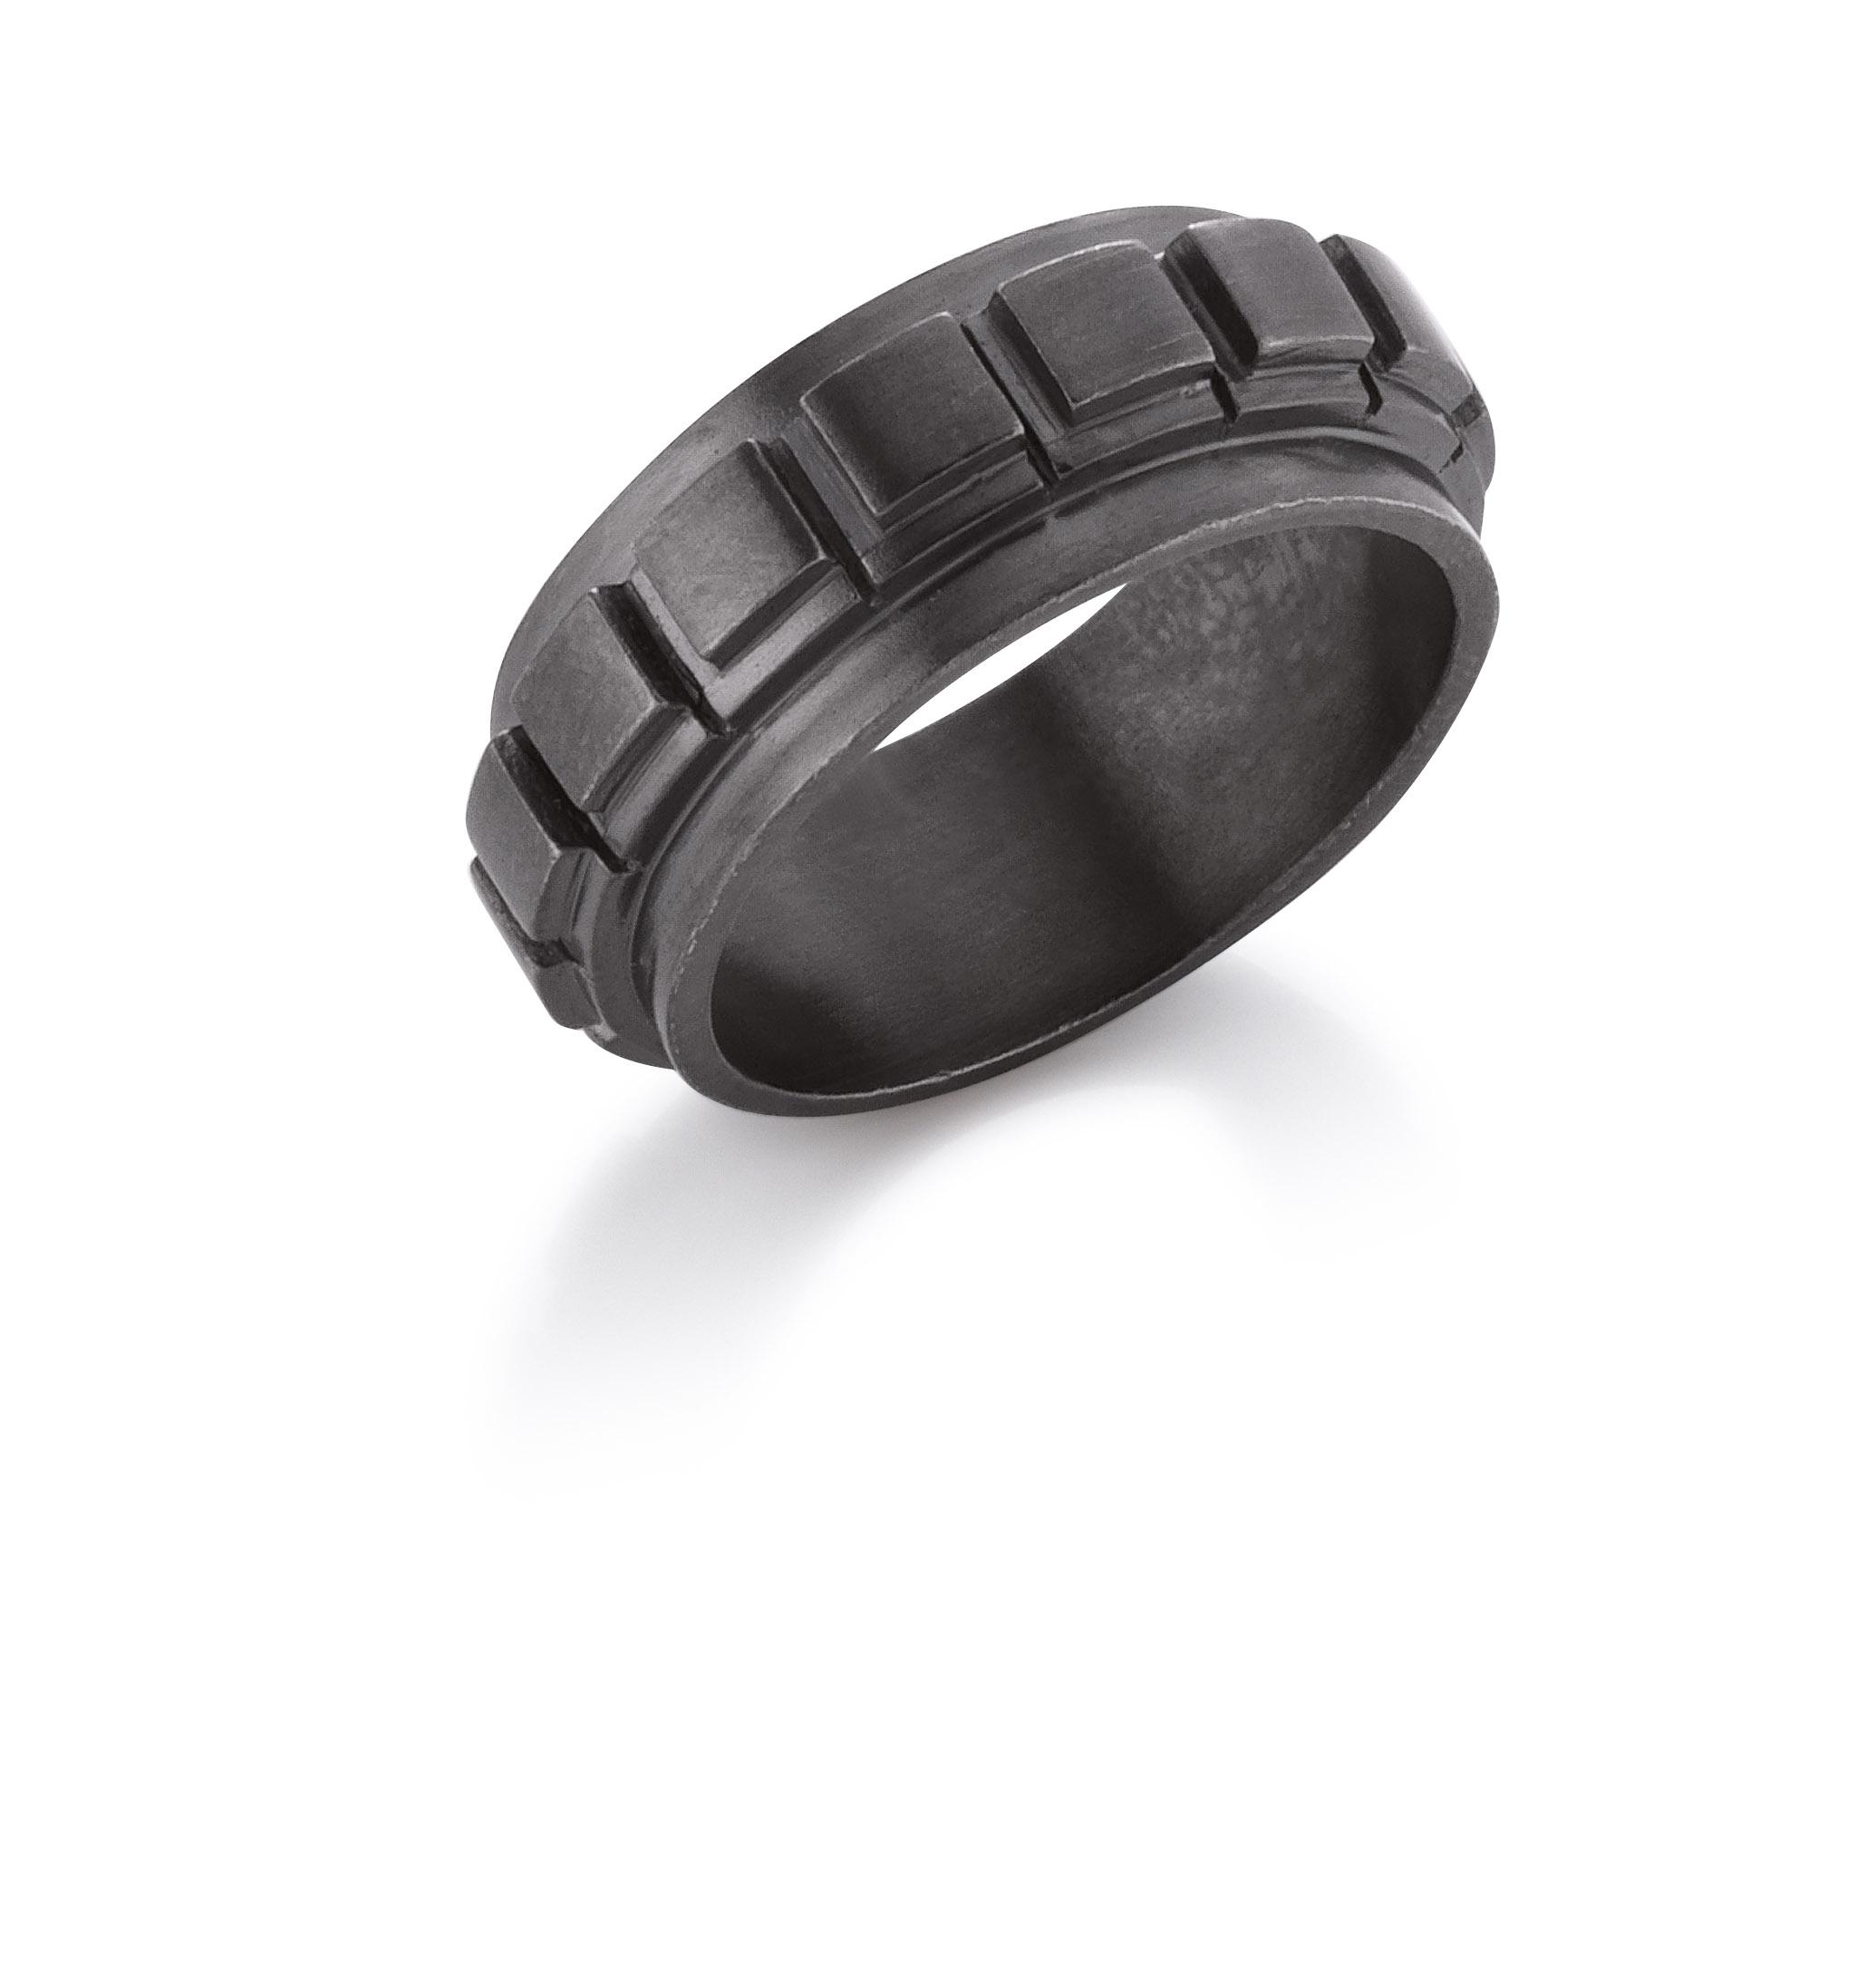 Aagaard Sølv oxyd. Ring - 22711512 Størrelse 70